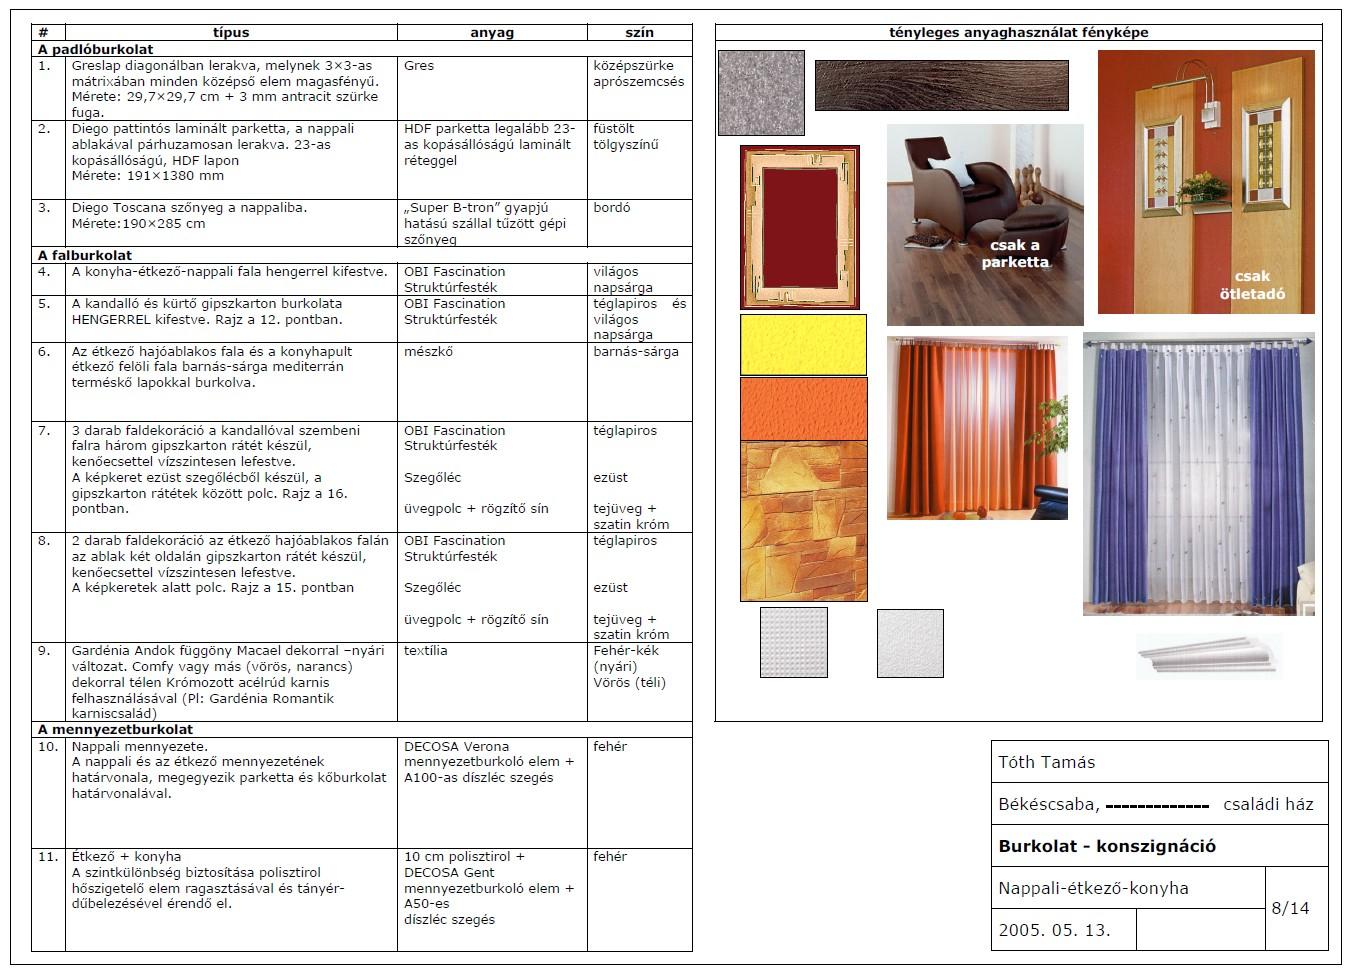 A családi ház nappali-étkező-konyha helyiségének lakberendezési konszignációja